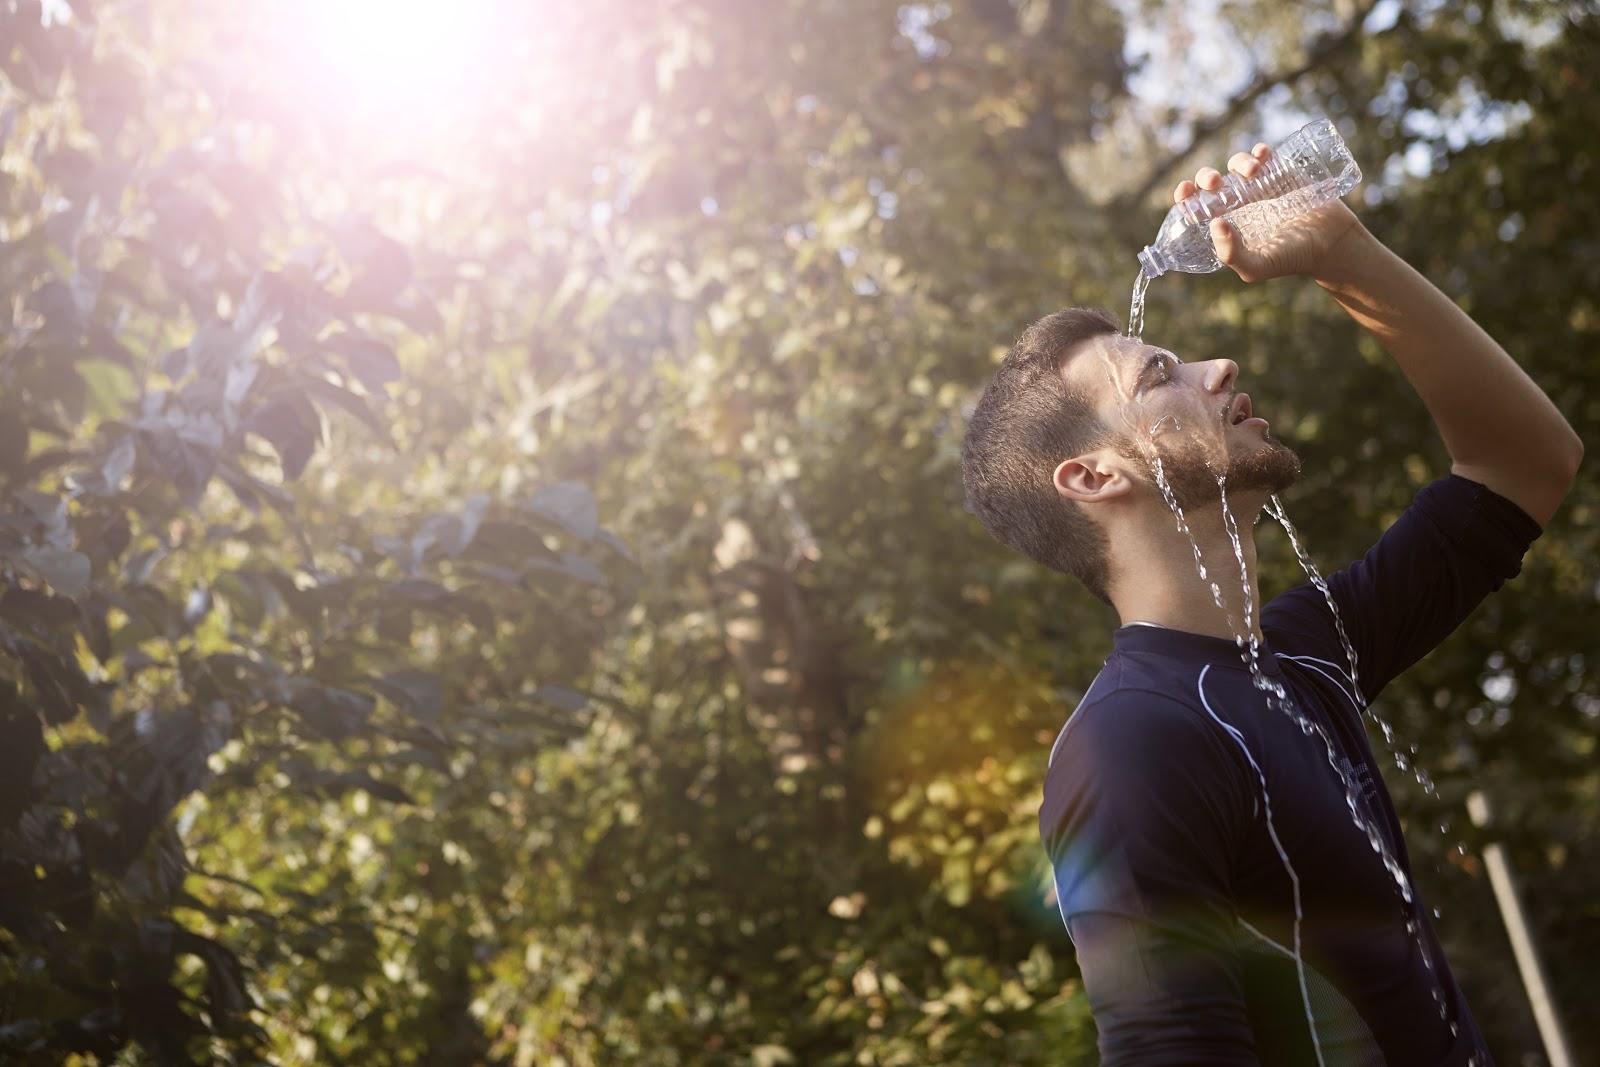 É indicado o consumo de 2 a 3 litros de água por dia durante o verão. (Fonte: Pexels)